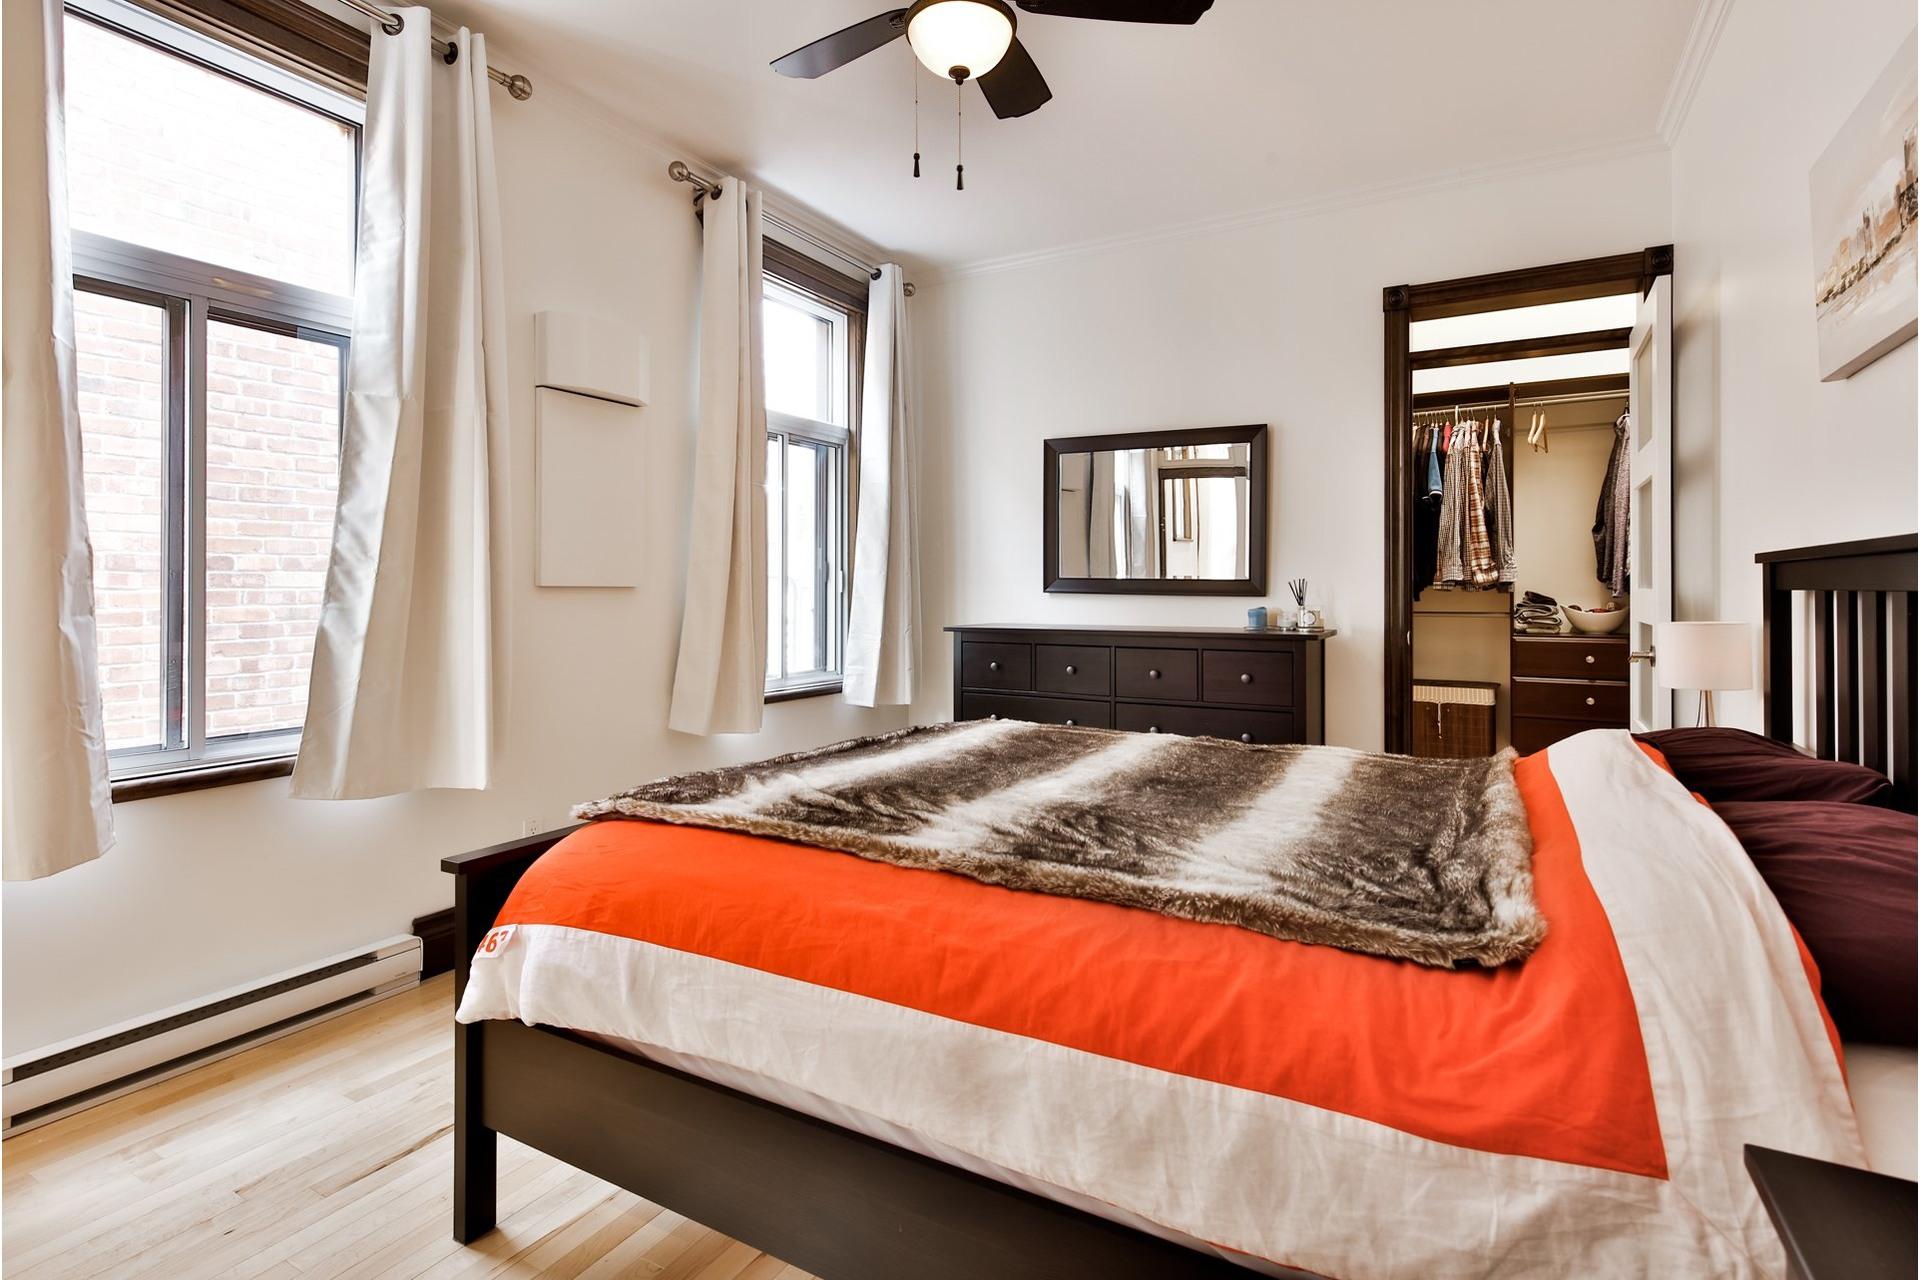 image 11 - Appartement À vendre Le Plateau-Mont-Royal Montréal  - 4 pièces